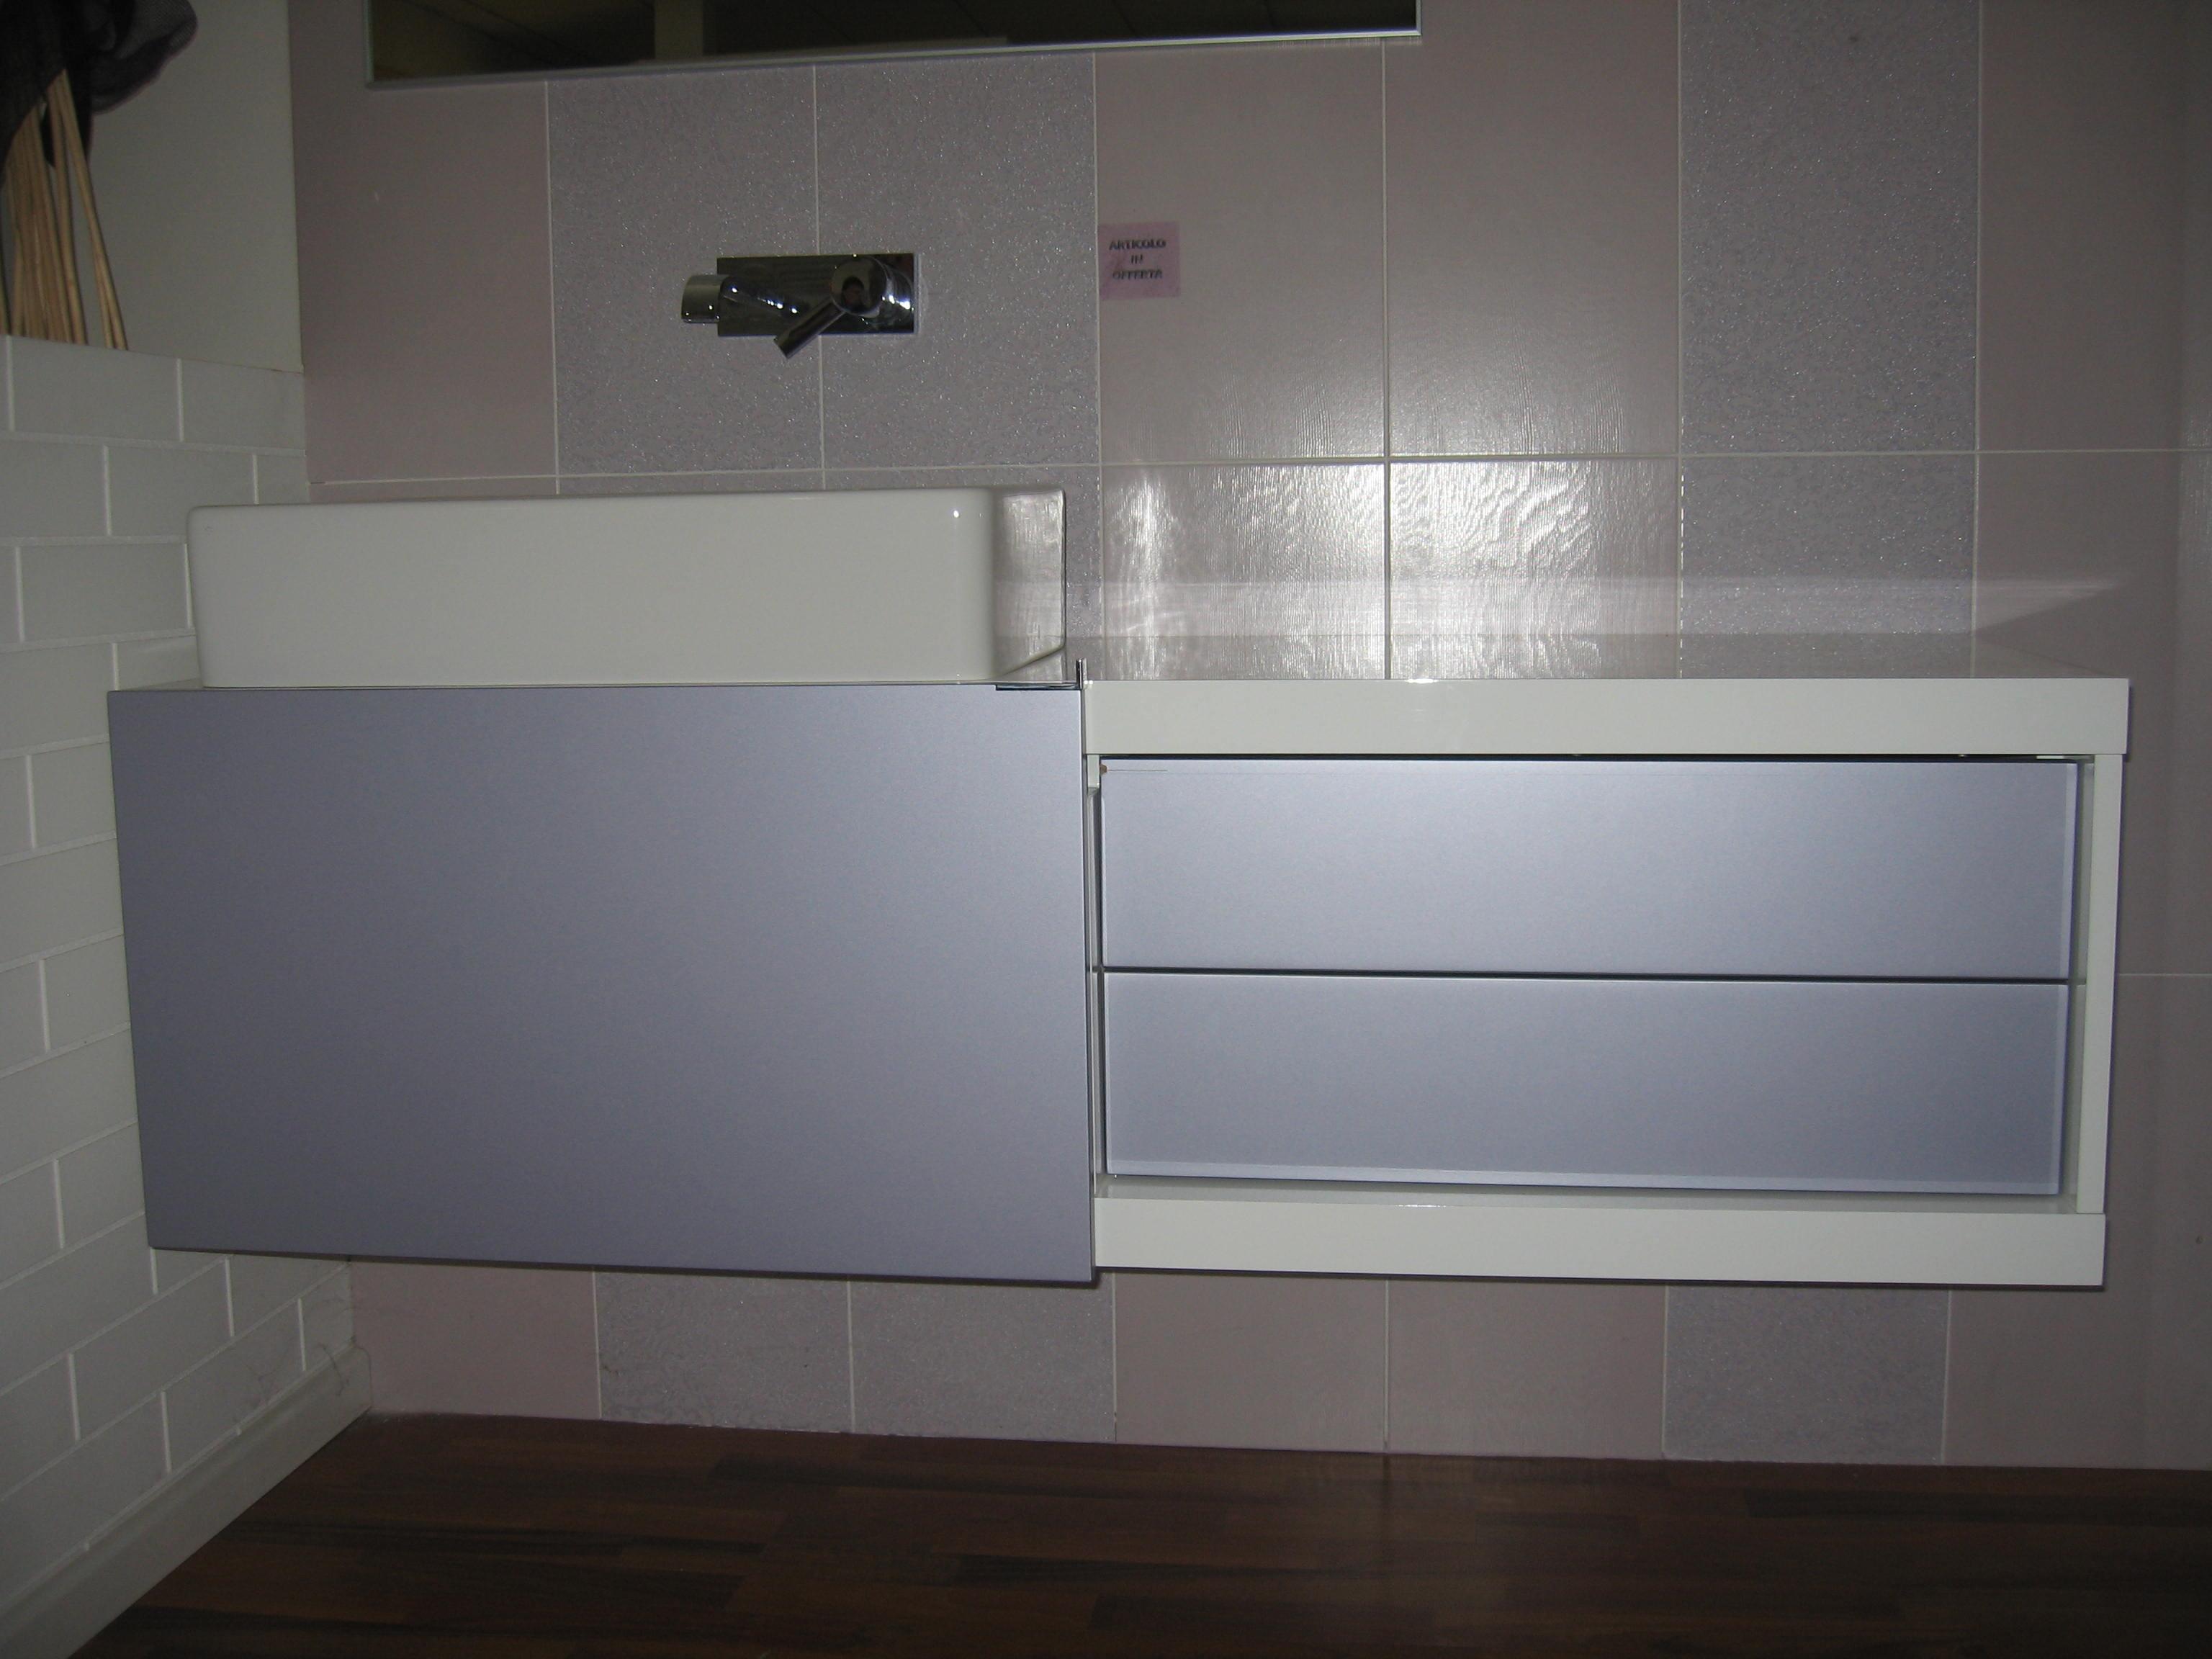 arlex mobile bagno in offerta - arredo bagno a prezzi scontati - Arredo Bagno Viola